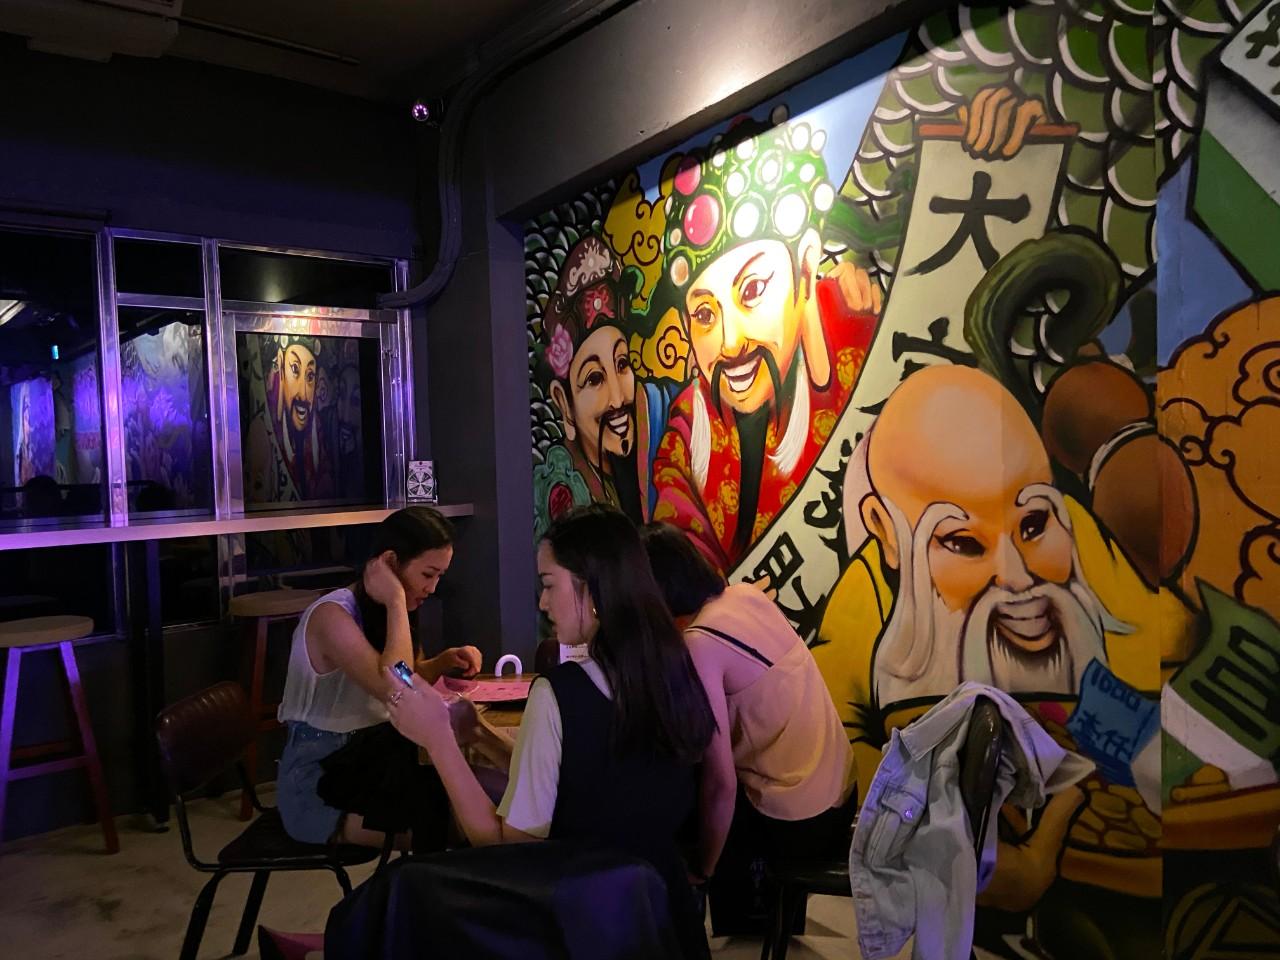 成都玖肆/蒂寶麻雀館/心肝寶貝:酒吧環境介紹,復古風塗鴉牆